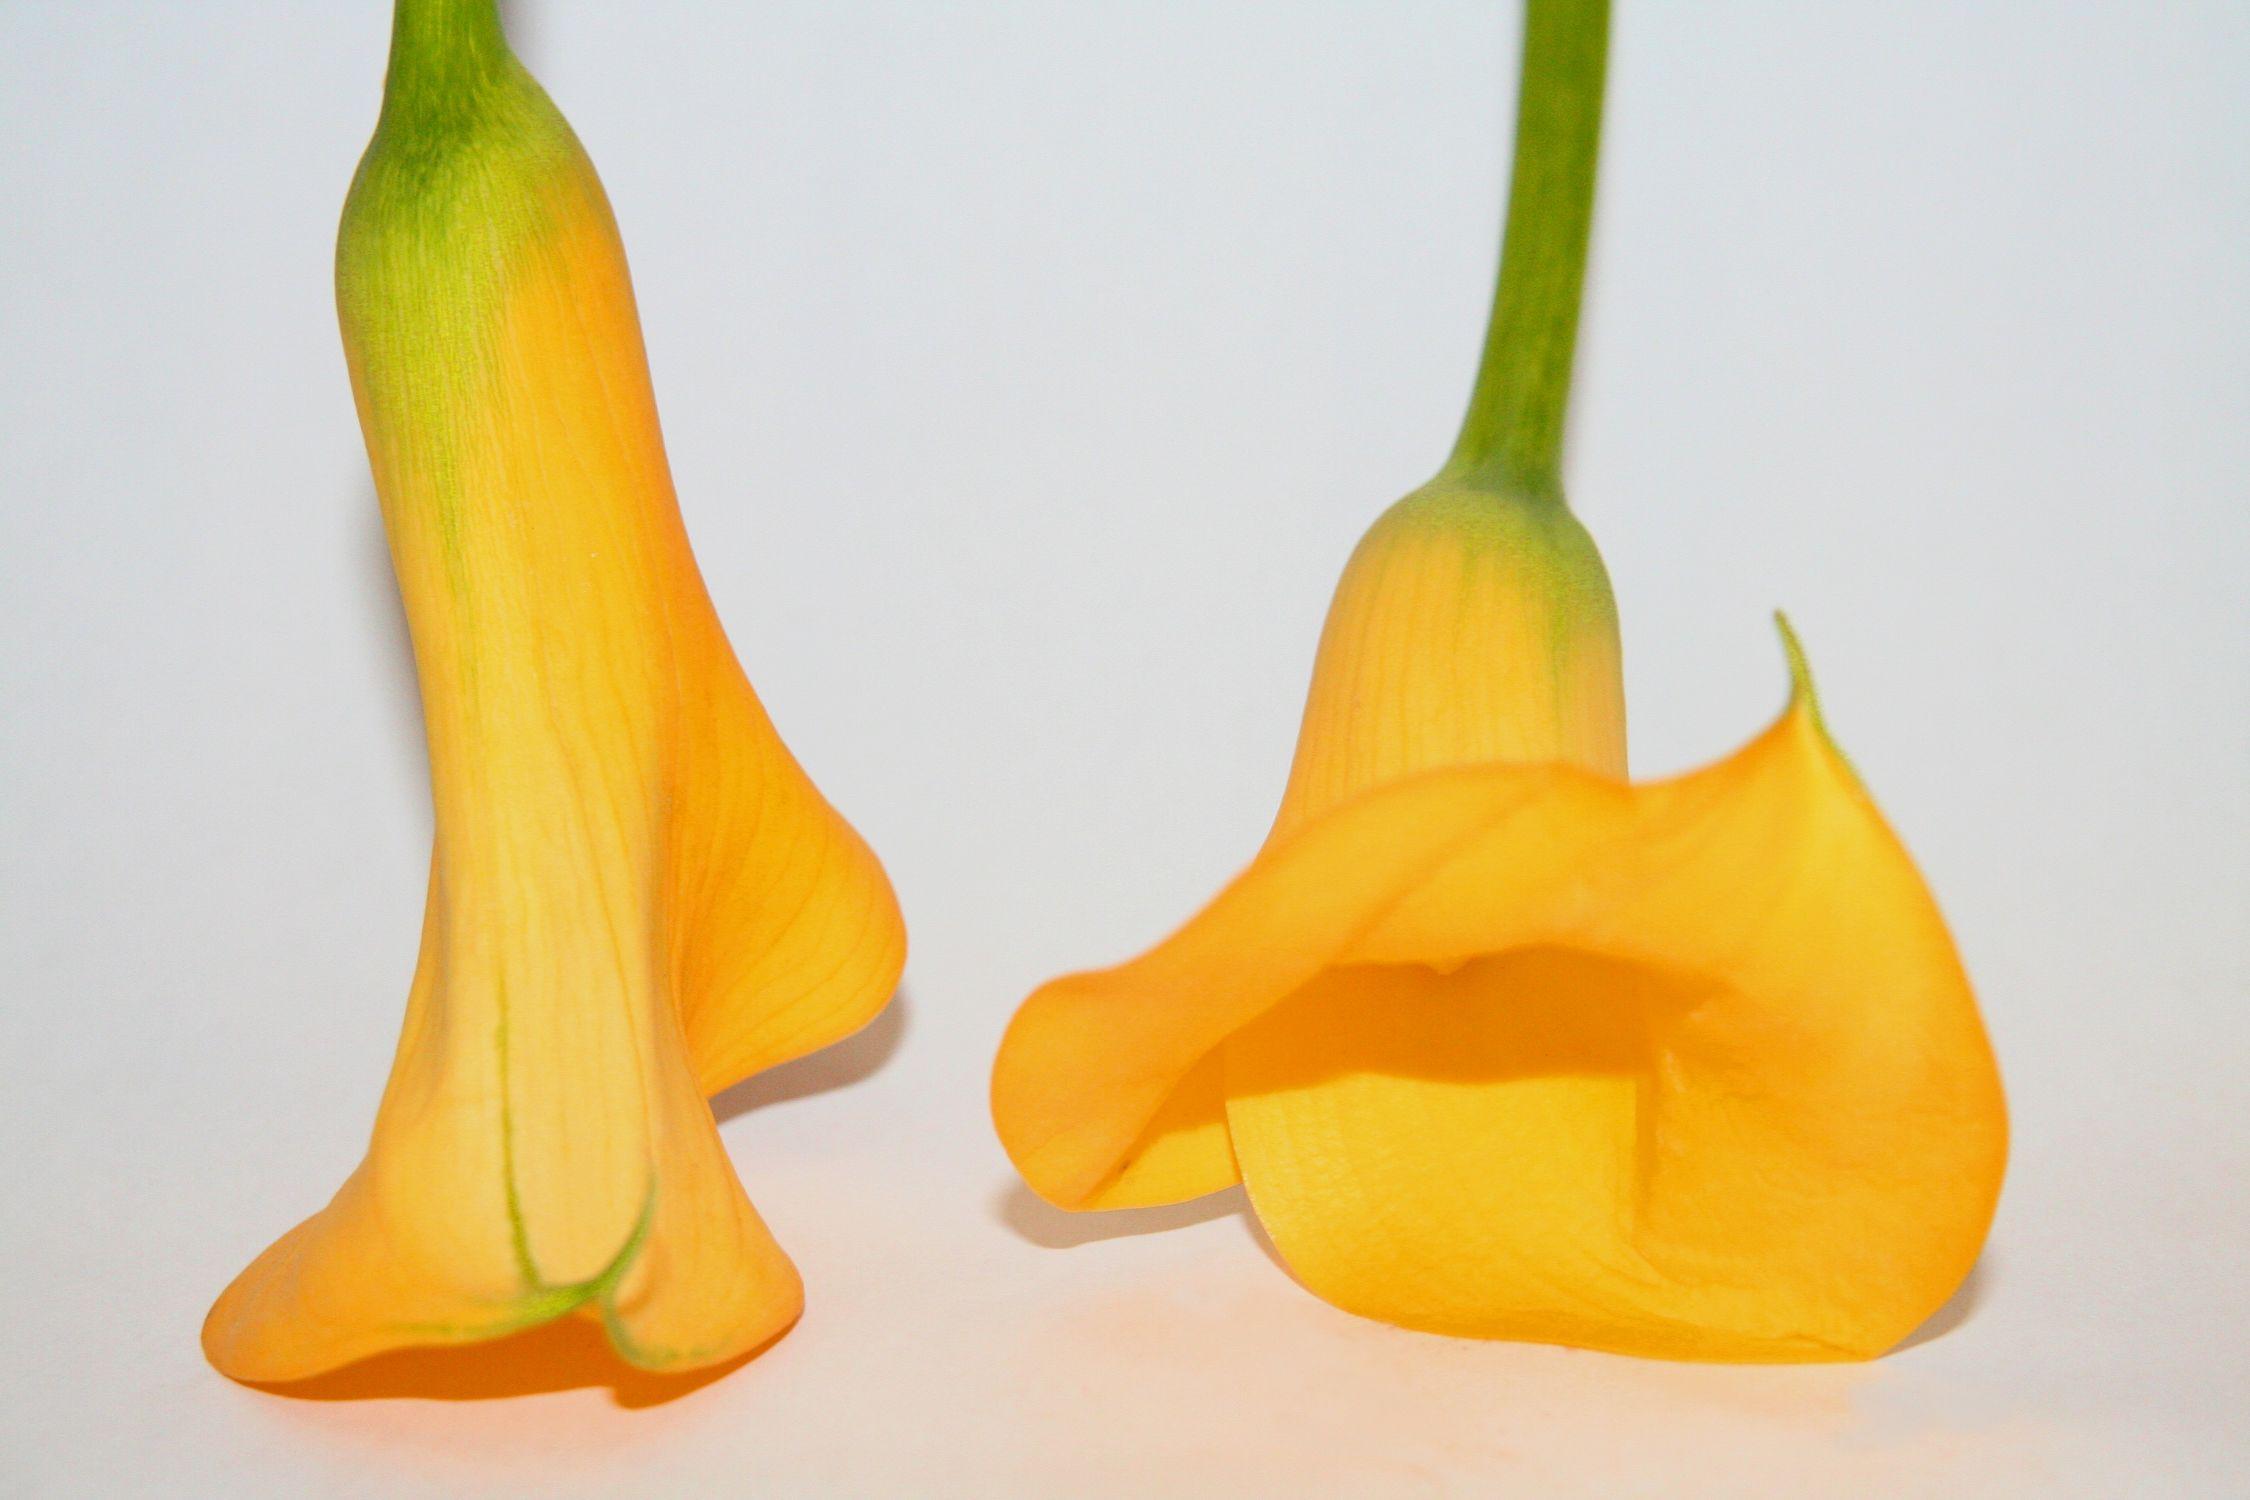 Bild mit Farben, Gelb, Natur, Grün, Pflanzen, Blumen, Blume, calla lily, Calla, Zantedeschien, Callas, Kalla, Zantedeschia, Calla lillies, gelbe Calla